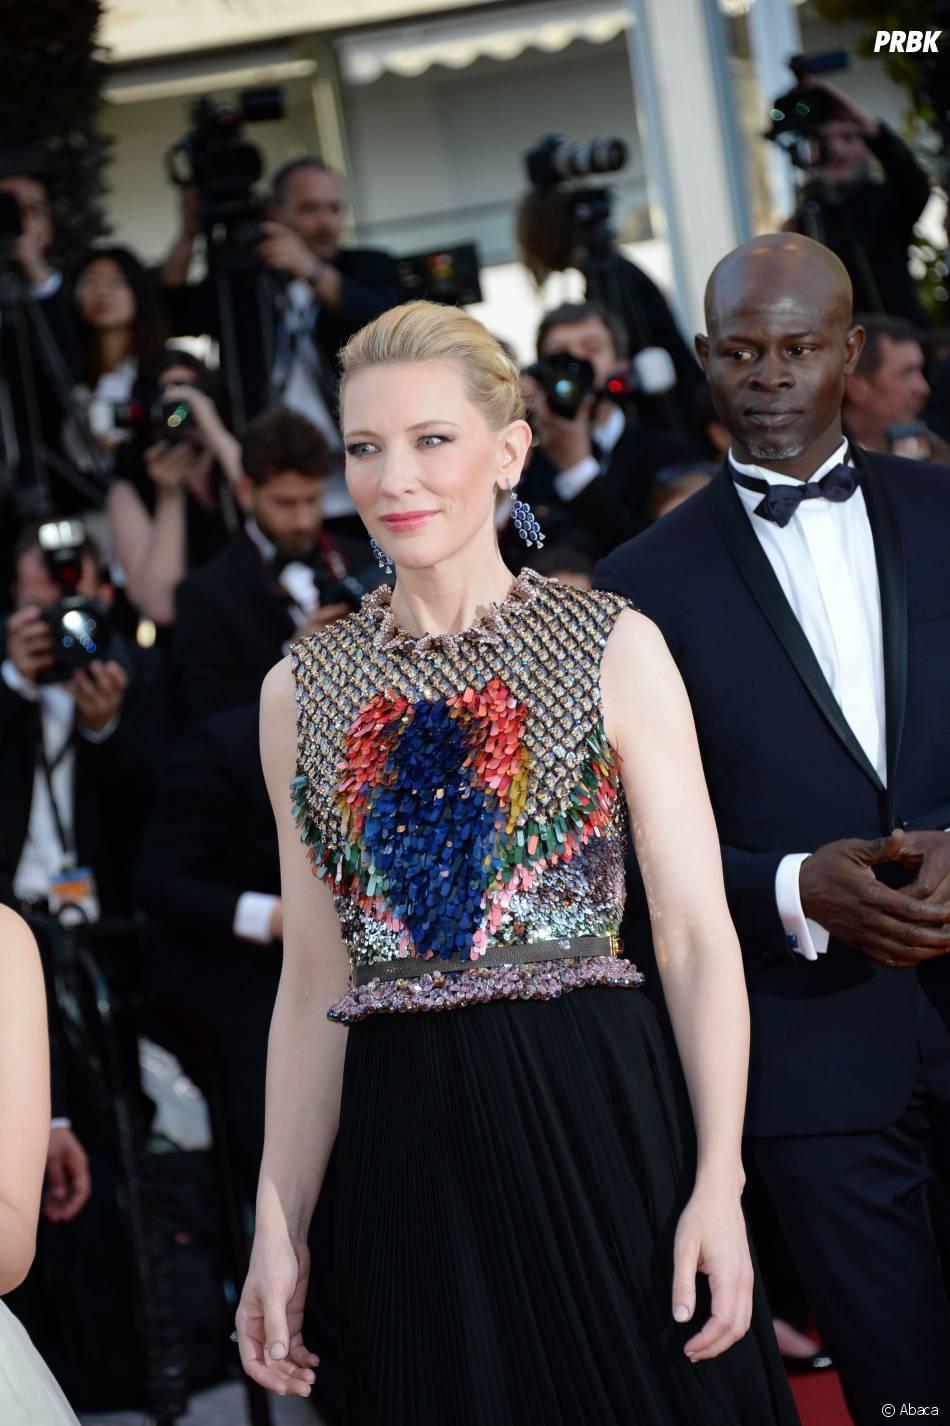 Cate Blanchett sur le tapis rouge du Festival de Cannes 2014, le vendredi 16 mai